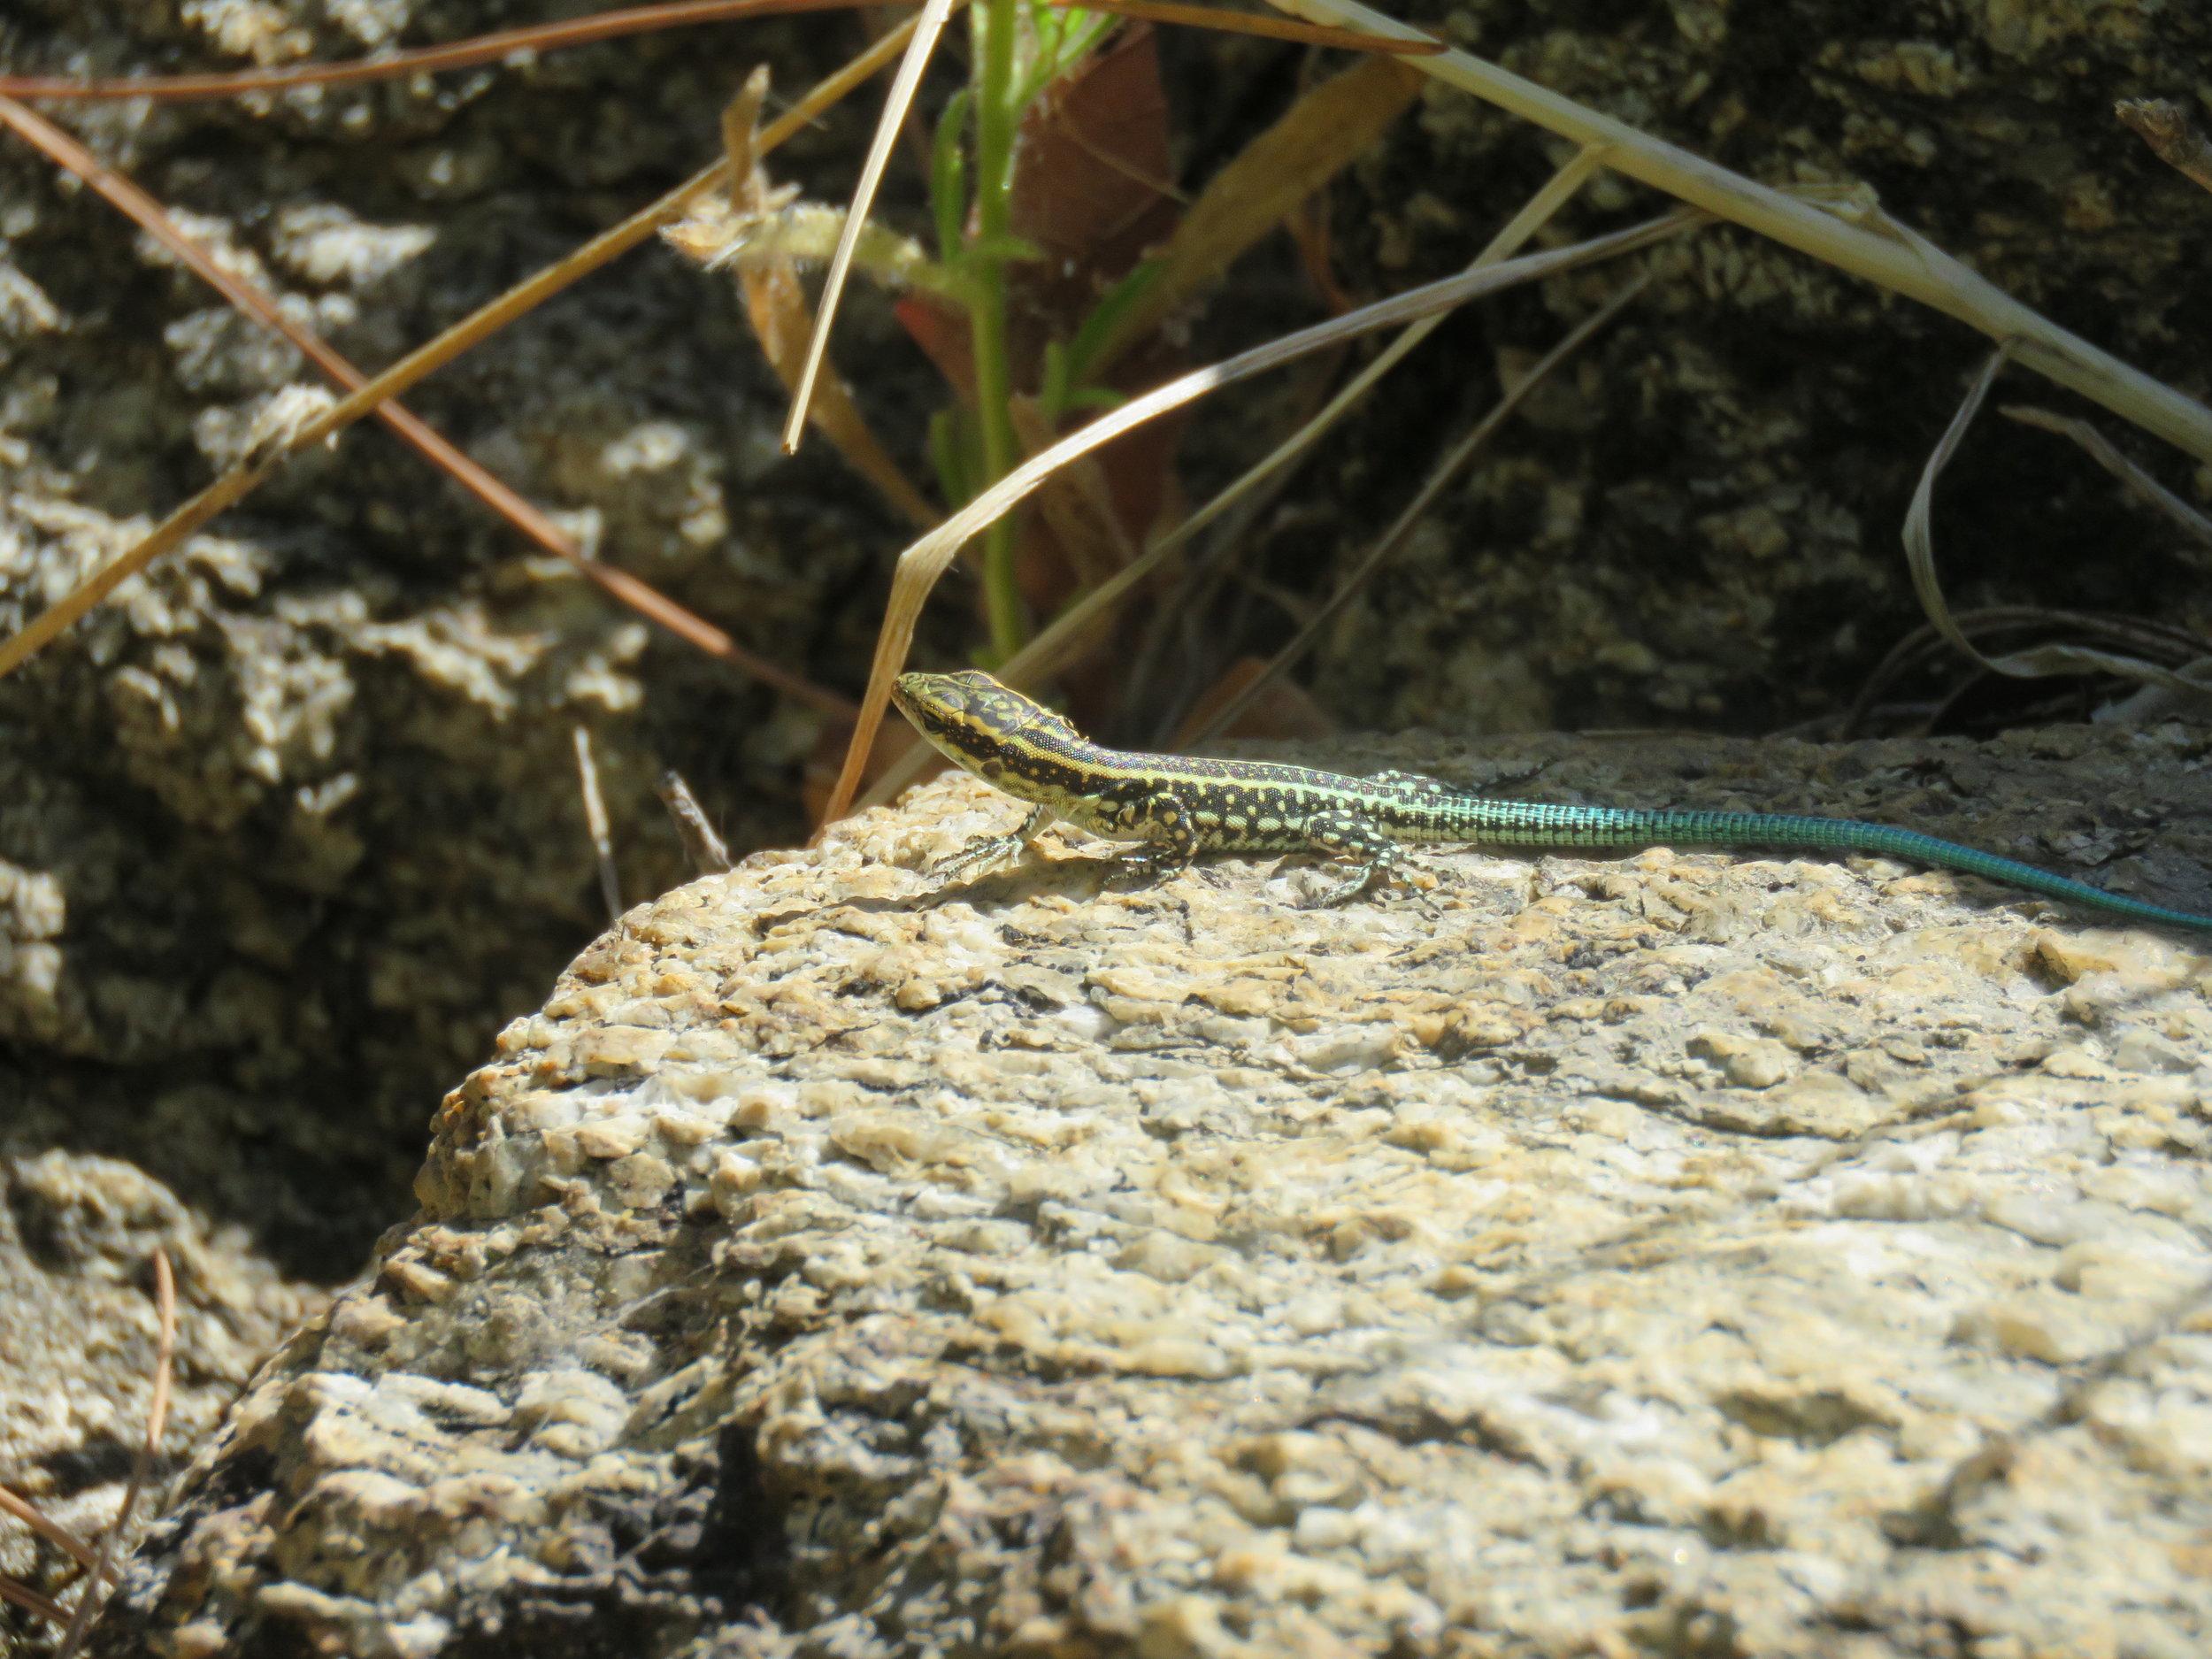 Juvenile Oertzen's Rock Lizard ( Lacerta oertzeni )   Credit: Talita Bateman